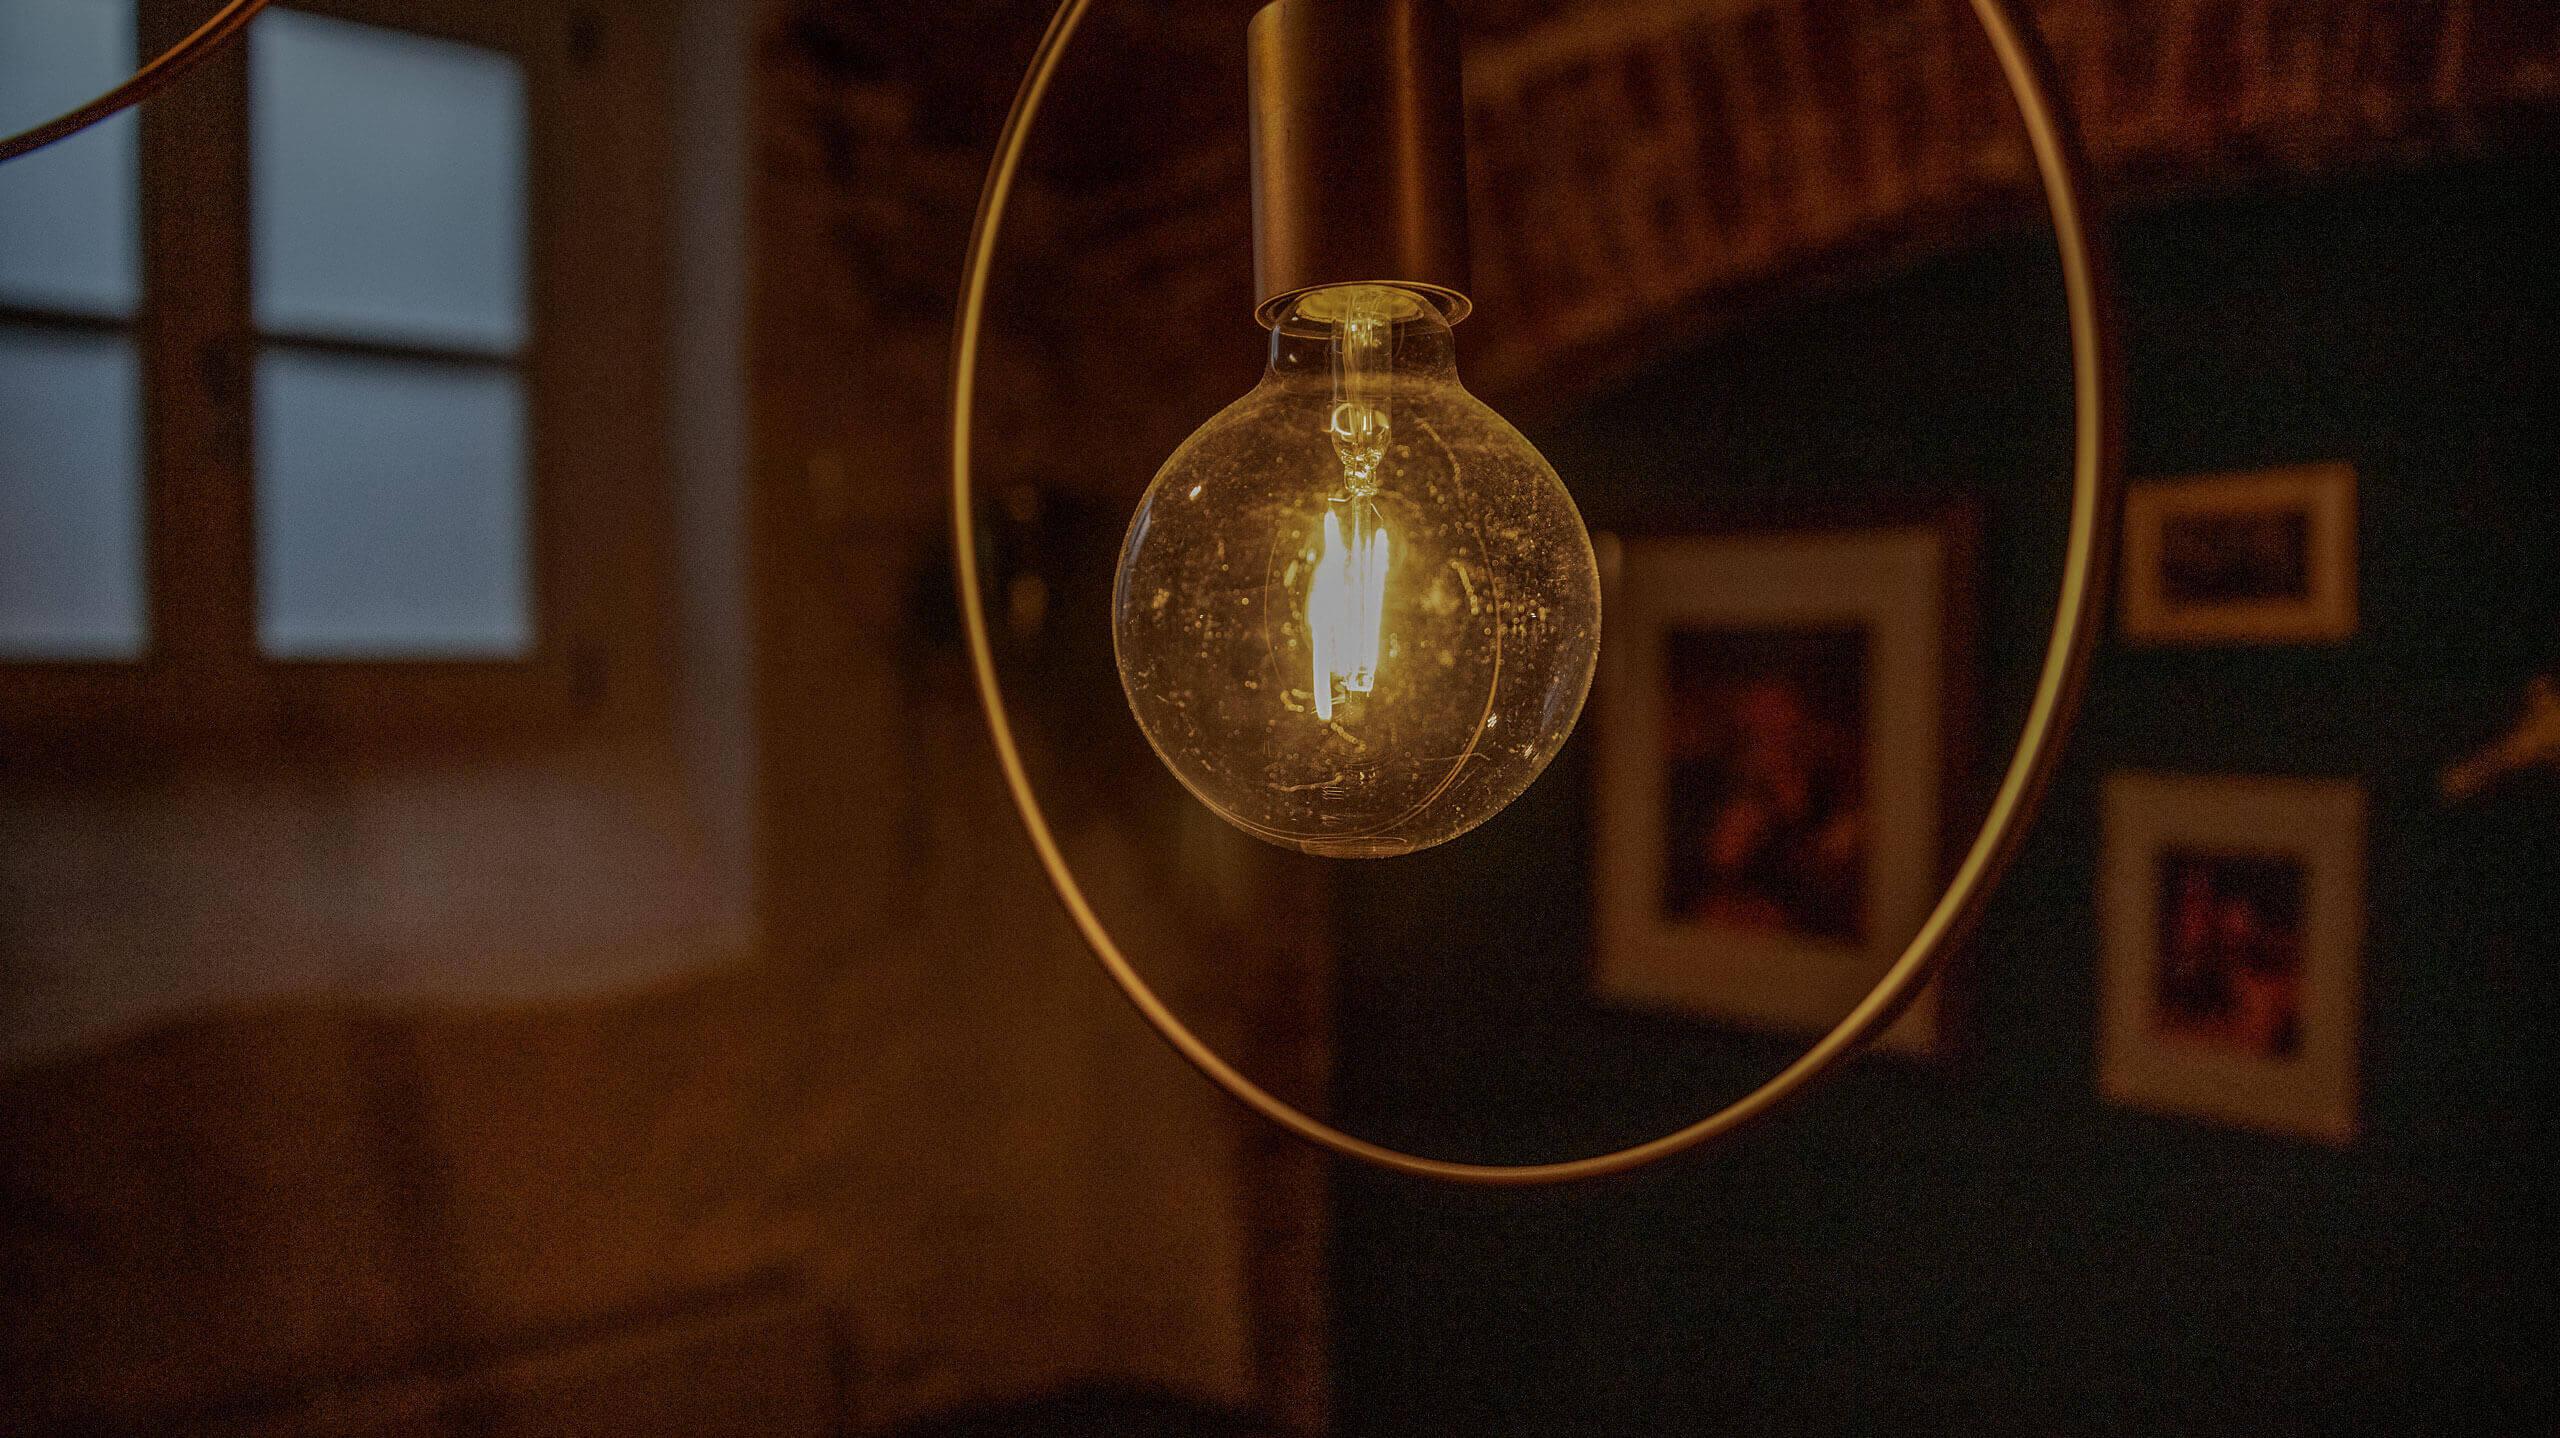 Foto: Glühbirne im Gewölbe